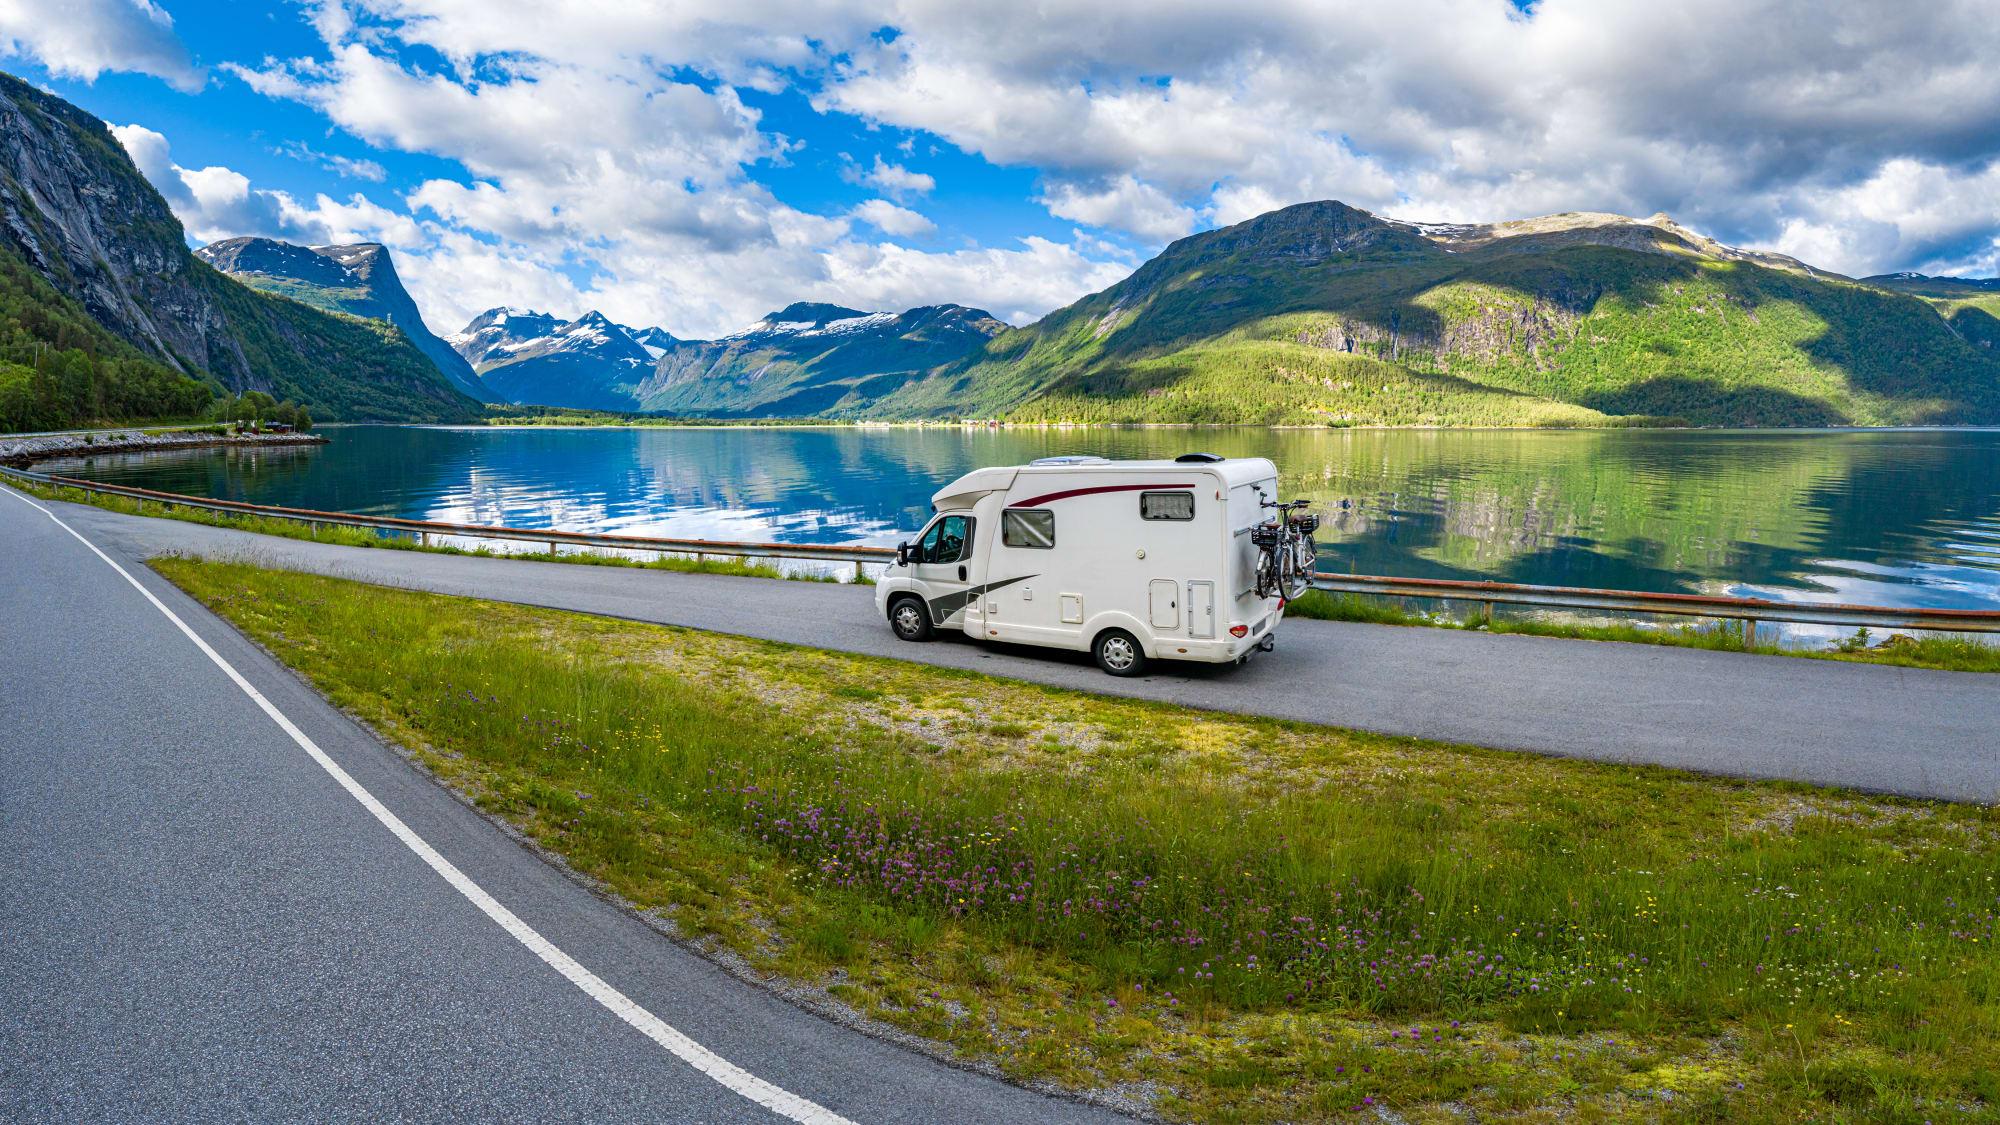 Wohnmobil  fährt in Norwegen auf der Straße